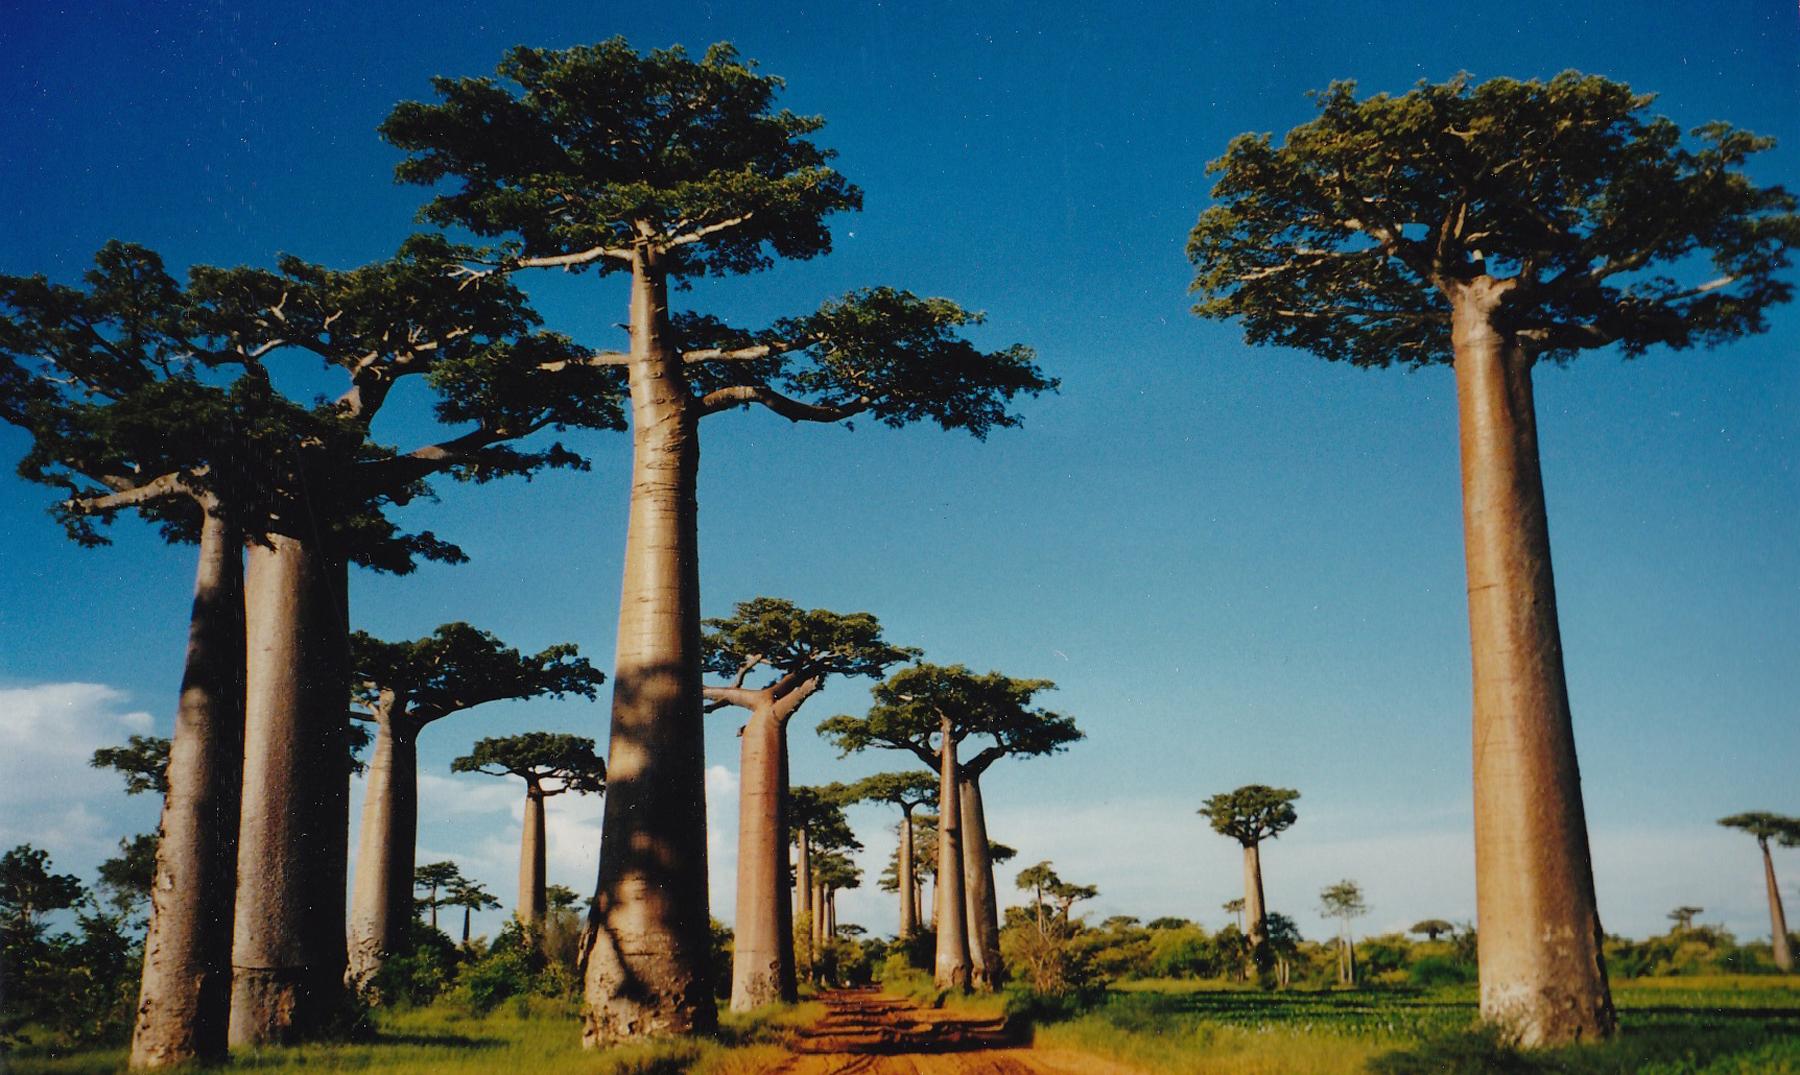 La mágica Avenida de los Baobabs en Madagascar - El